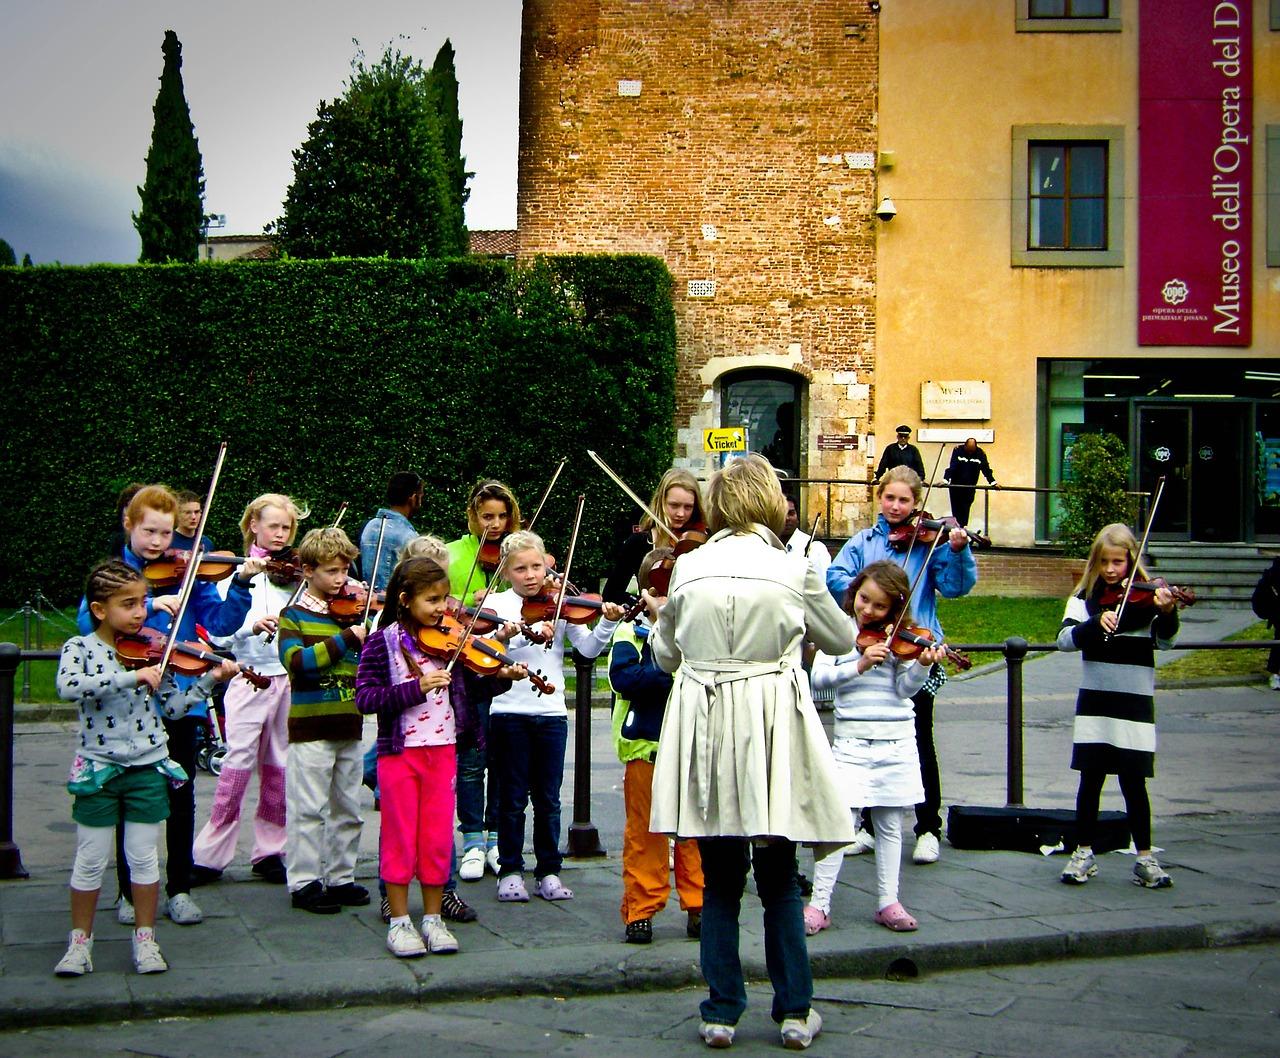 Perche-la-Musica-fa-Bene-ai-Bambini-in-Gruppo Perché la musica fa bene ai bambini?